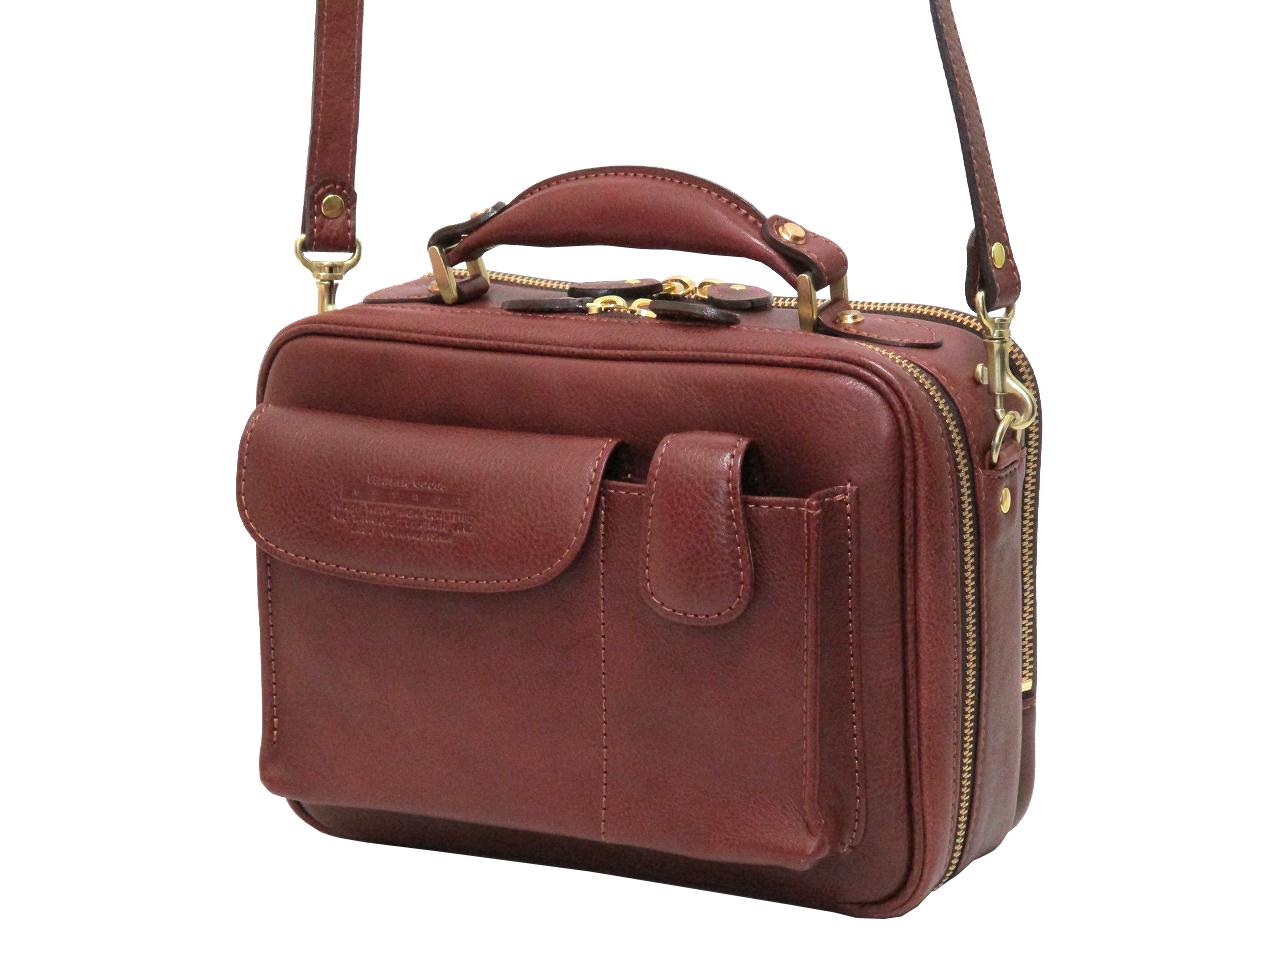 青木鞄 Lugard・NEVADA ラガード・ネバダ メンズ 2WAY 手提げバッグ ショルダーバッグ 5076 MADE IN JAPAN(日本製)